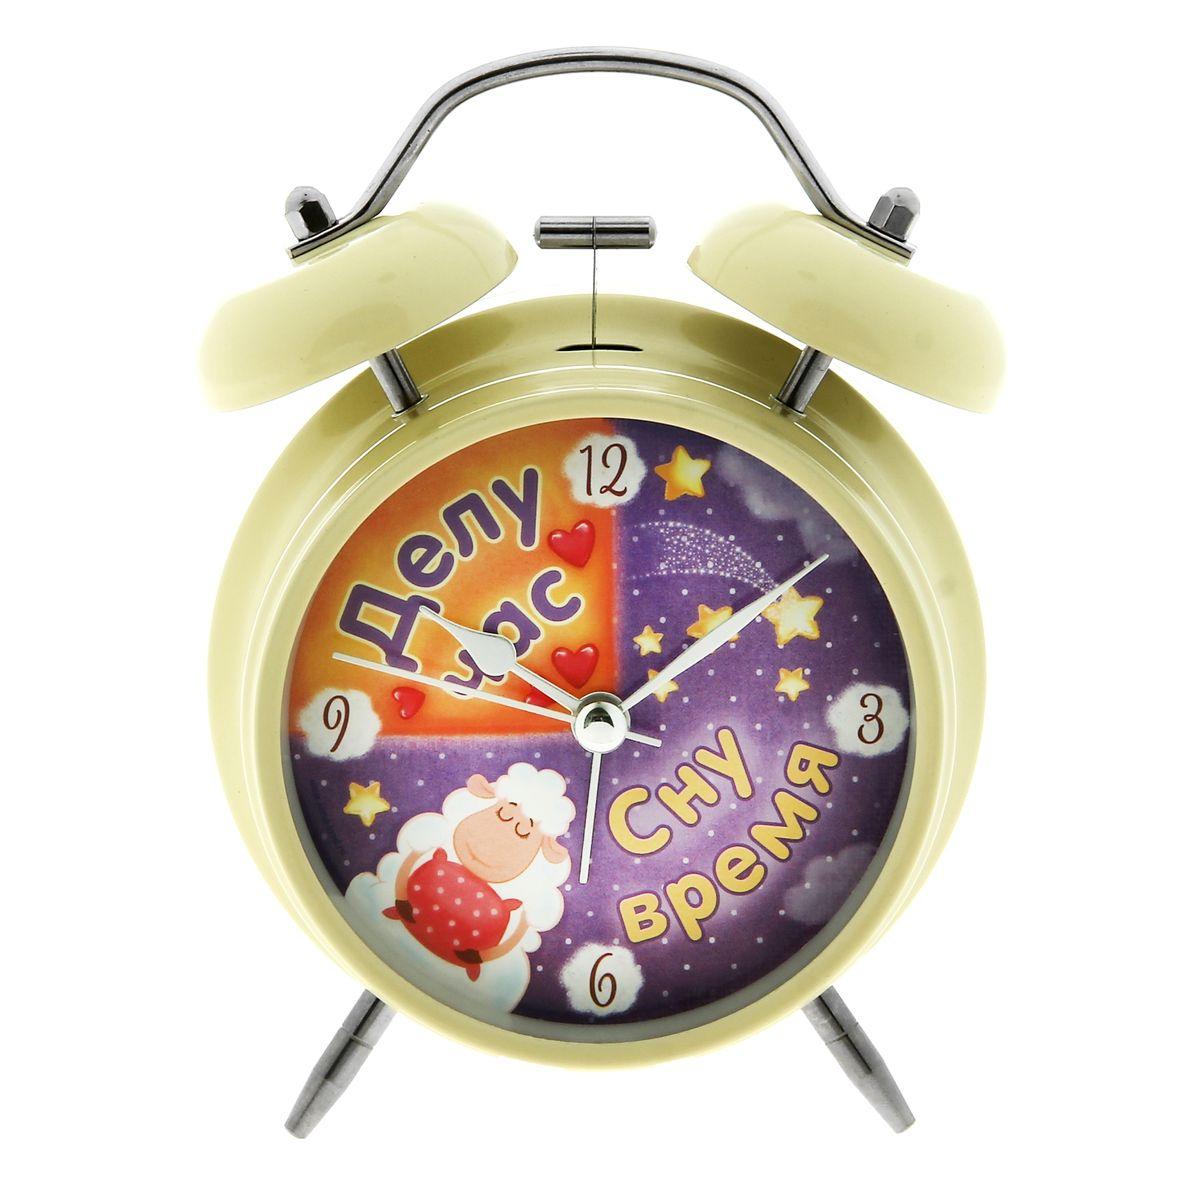 Часы-будильник Sima-land Делу час - сну времяMRC 4119 P schwarzКак же сложно иногда вставать вовремя! Всегда так хочется поспать еще хотя бы 5 минут и бывает, что мы просыпаем. Теперь этого не случится! Яркий, оригинальный будильник Sima-land Делу час - сну время поможет вам всегда вставать в нужное время и успевать везде и всюду.Корпус будильника выполнен из металла. Циферблат оформлен изображением спящей овечки и надписью: Делу час, сну время, имеет индикацию арабскими цифрами. Часы снабжены 4 стрелками (секундная, минутная, часовая и для будильника). На задней панели будильника расположен переключатель включения/выключения механизма, а также два колесика для настройки текущего времени и времени звонка будильника. Также будильник оснащен кнопкой, при нажатии и удержании которой подсвечивается циферблат.Пользоваться будильником очень легко: нужно всего лишь поставить батарейку, настроить точное время и установить время звонка. Необходимо докупить 1 батарейку типа АА (не входит в комплект).